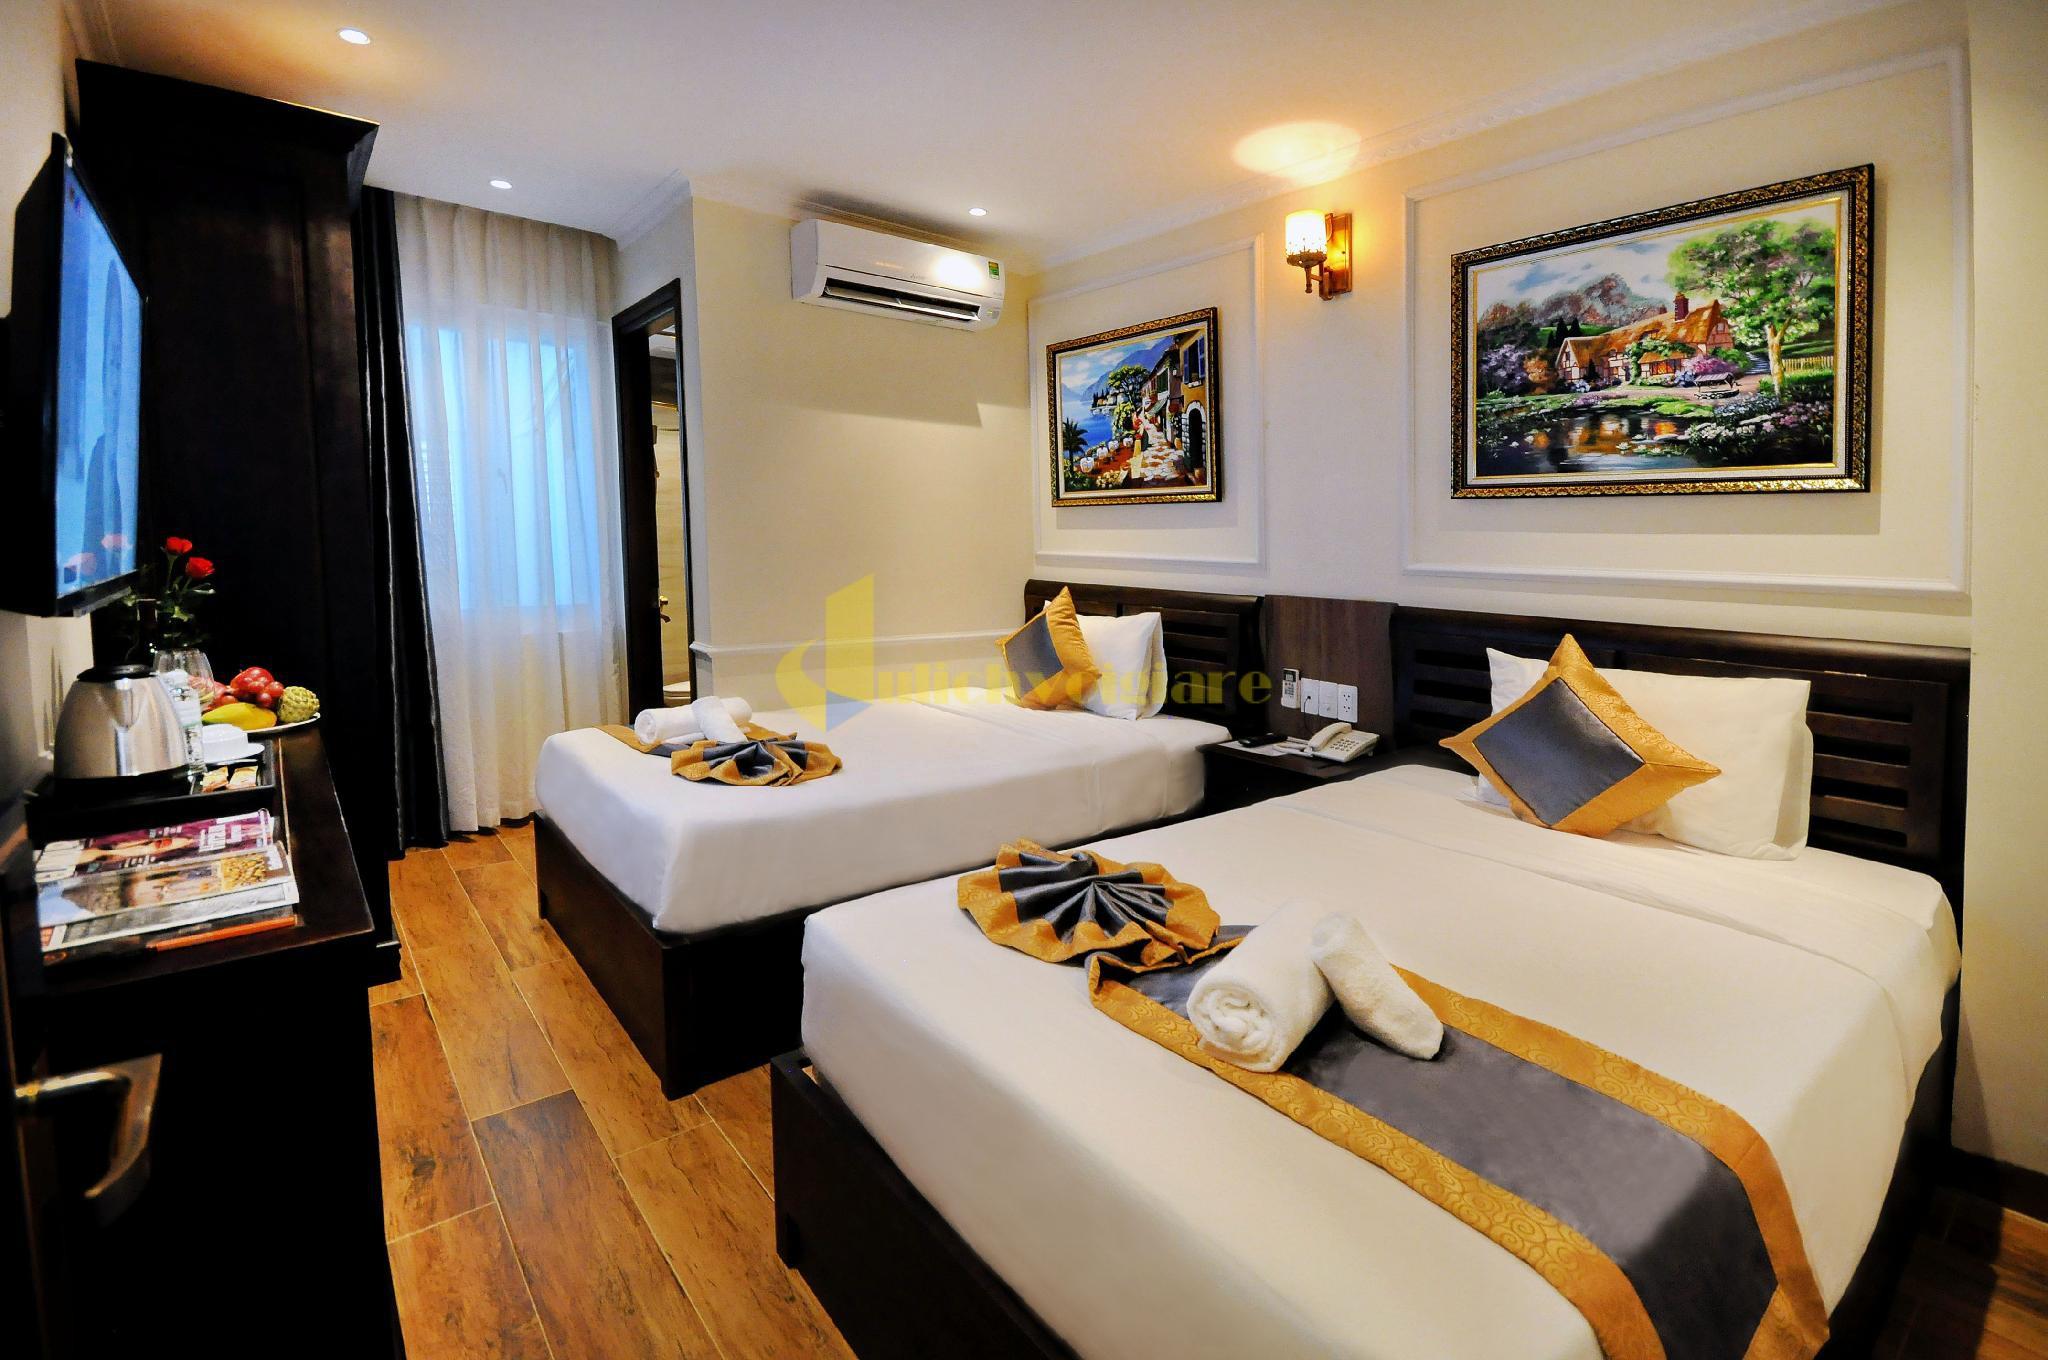 apollo-1 Top 10 Khách Sạn Đẹp Ngất Ngây Tại Nha Trang